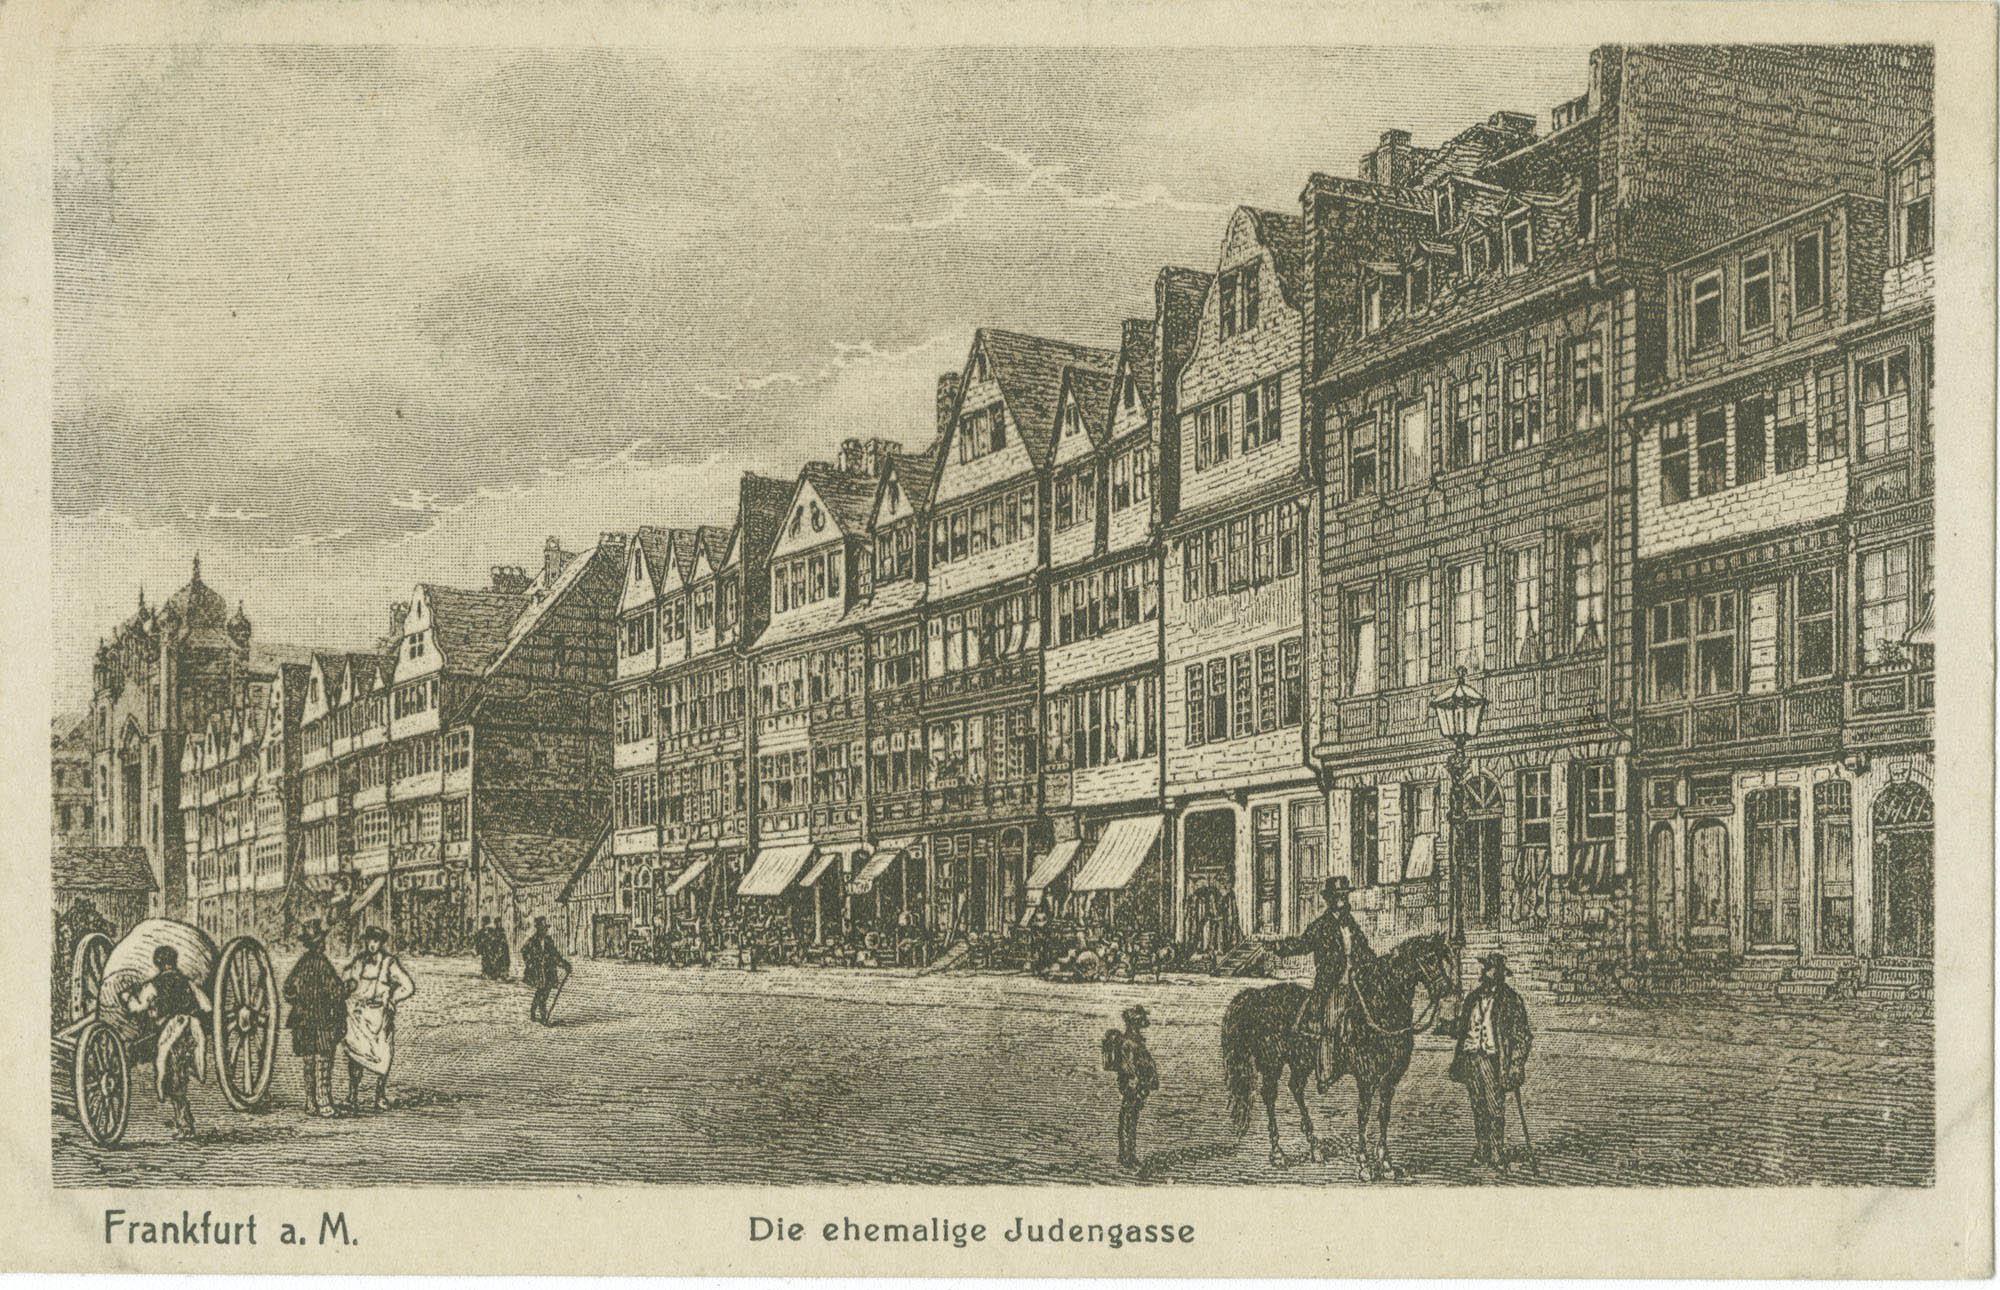 Frankfurt a. M. Die ehemalige Judengasse.